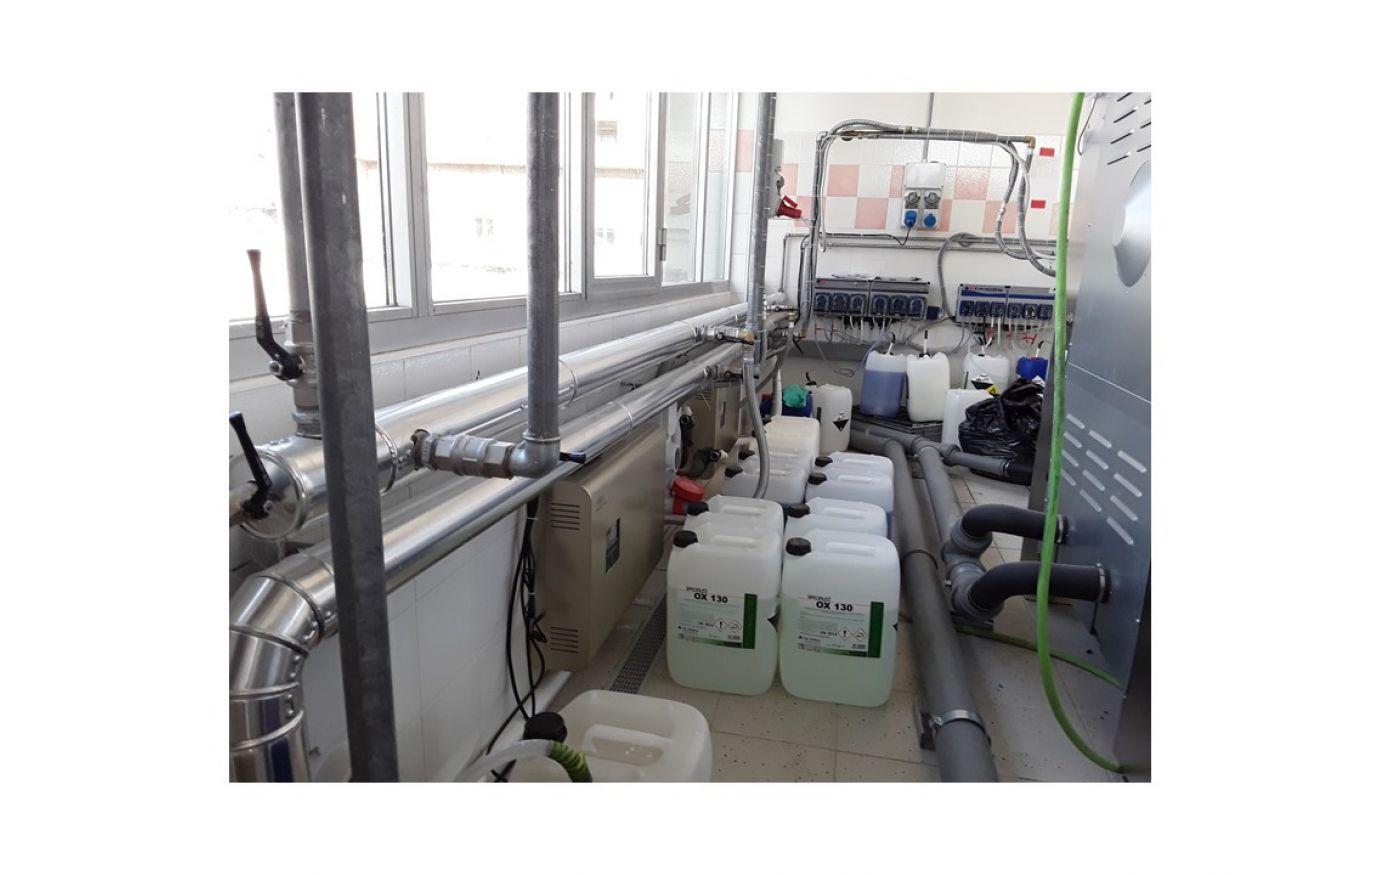 Impianto dosaggio automatico con sistema generazione ozono Specialist ActivO3 - Impianto dosaggio automatico con sistema generazione ozono Specialist ActivO3